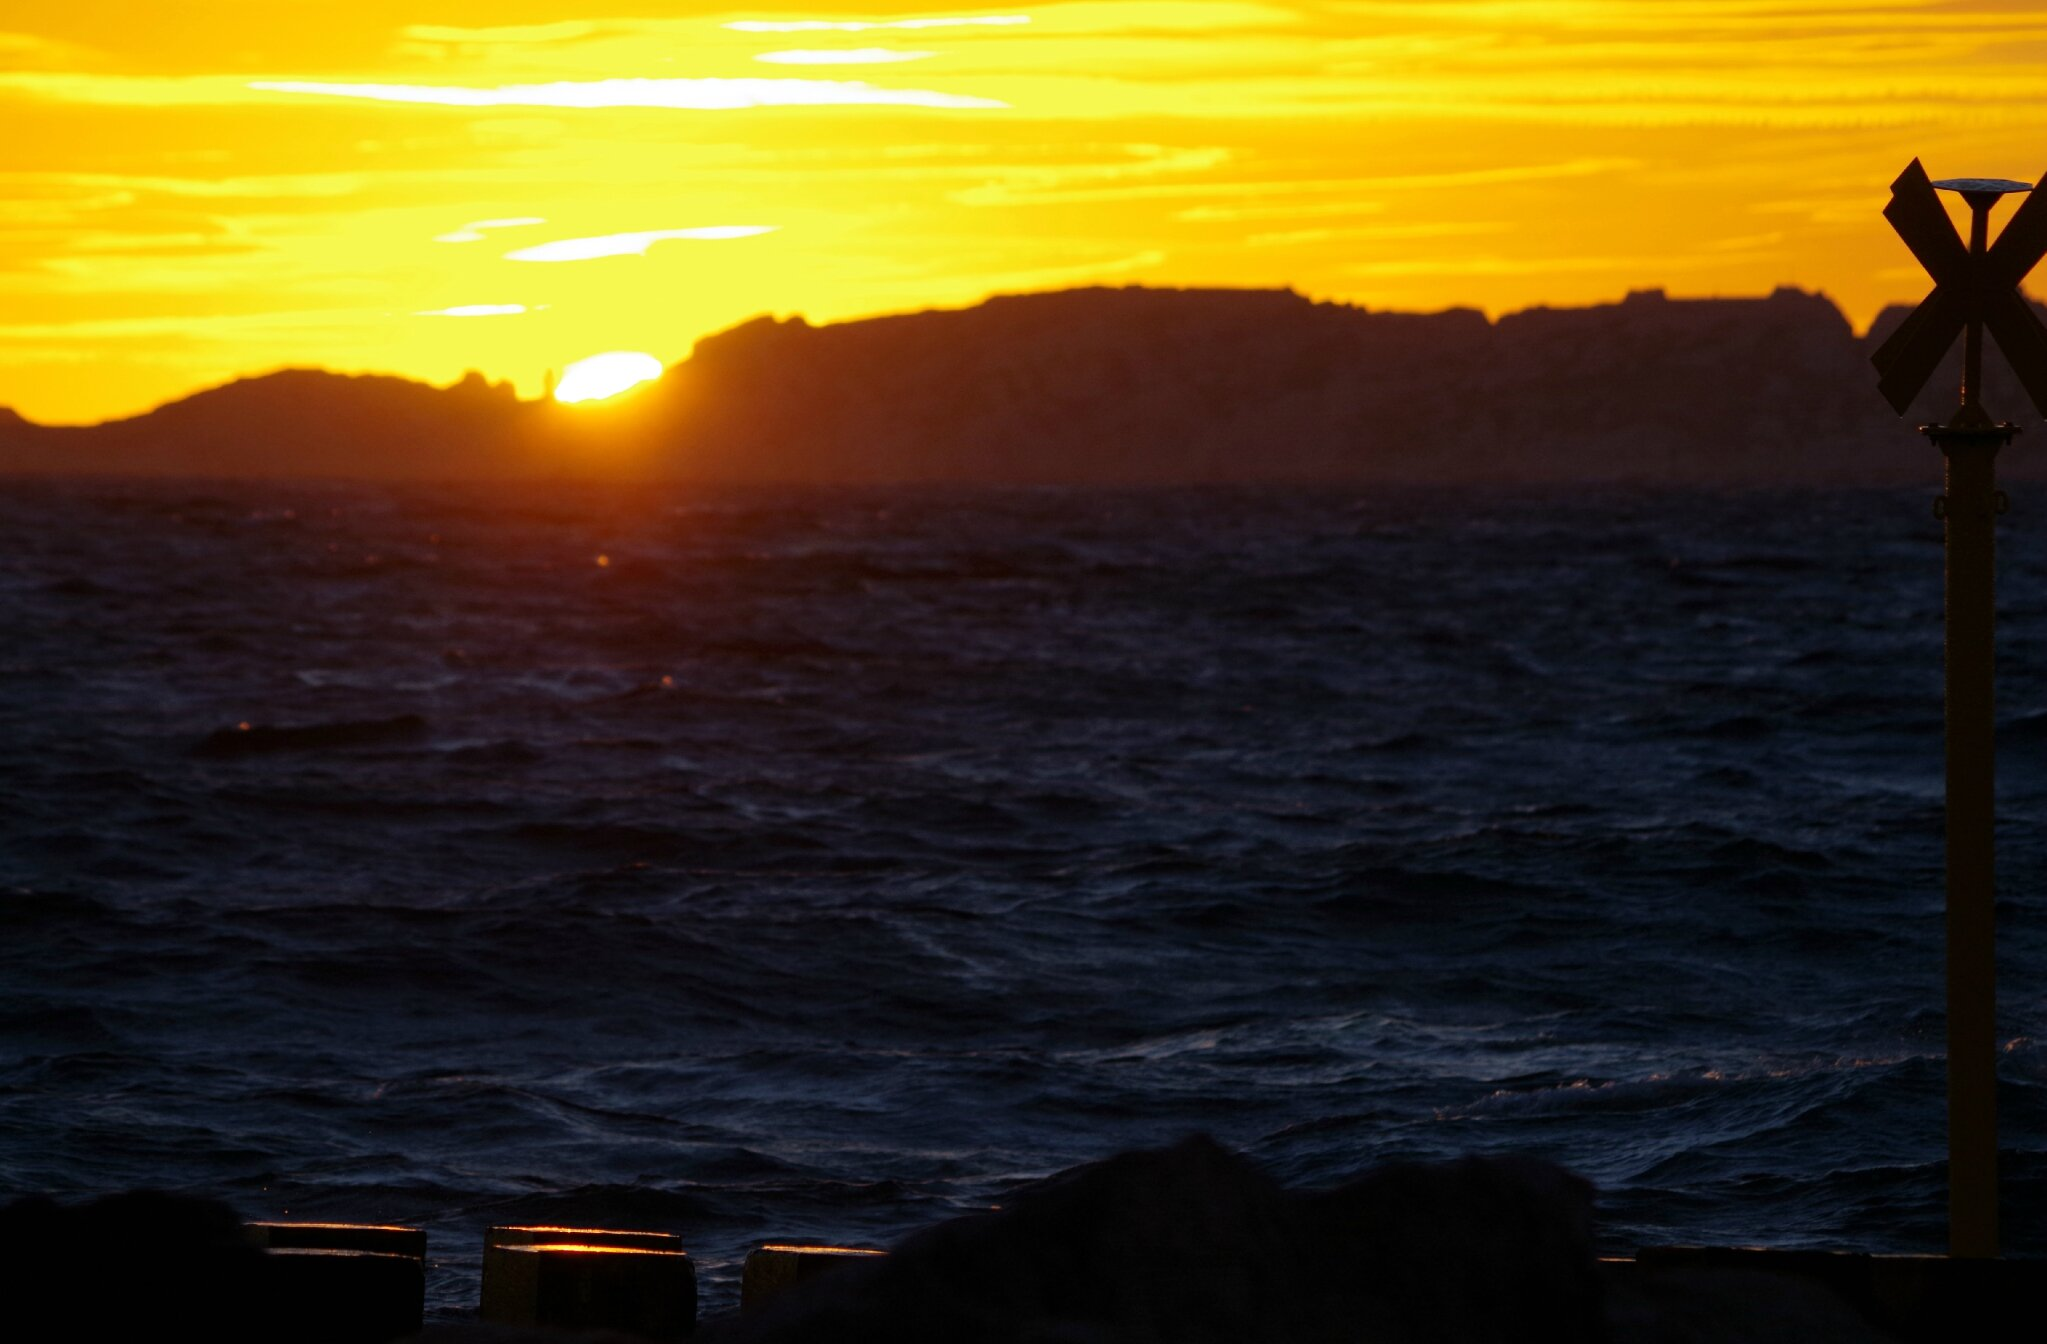 Coucher de soleil un soir de mistral marseille les merveillements d 39 un minot au fil des - Palpitations le soir au coucher ...